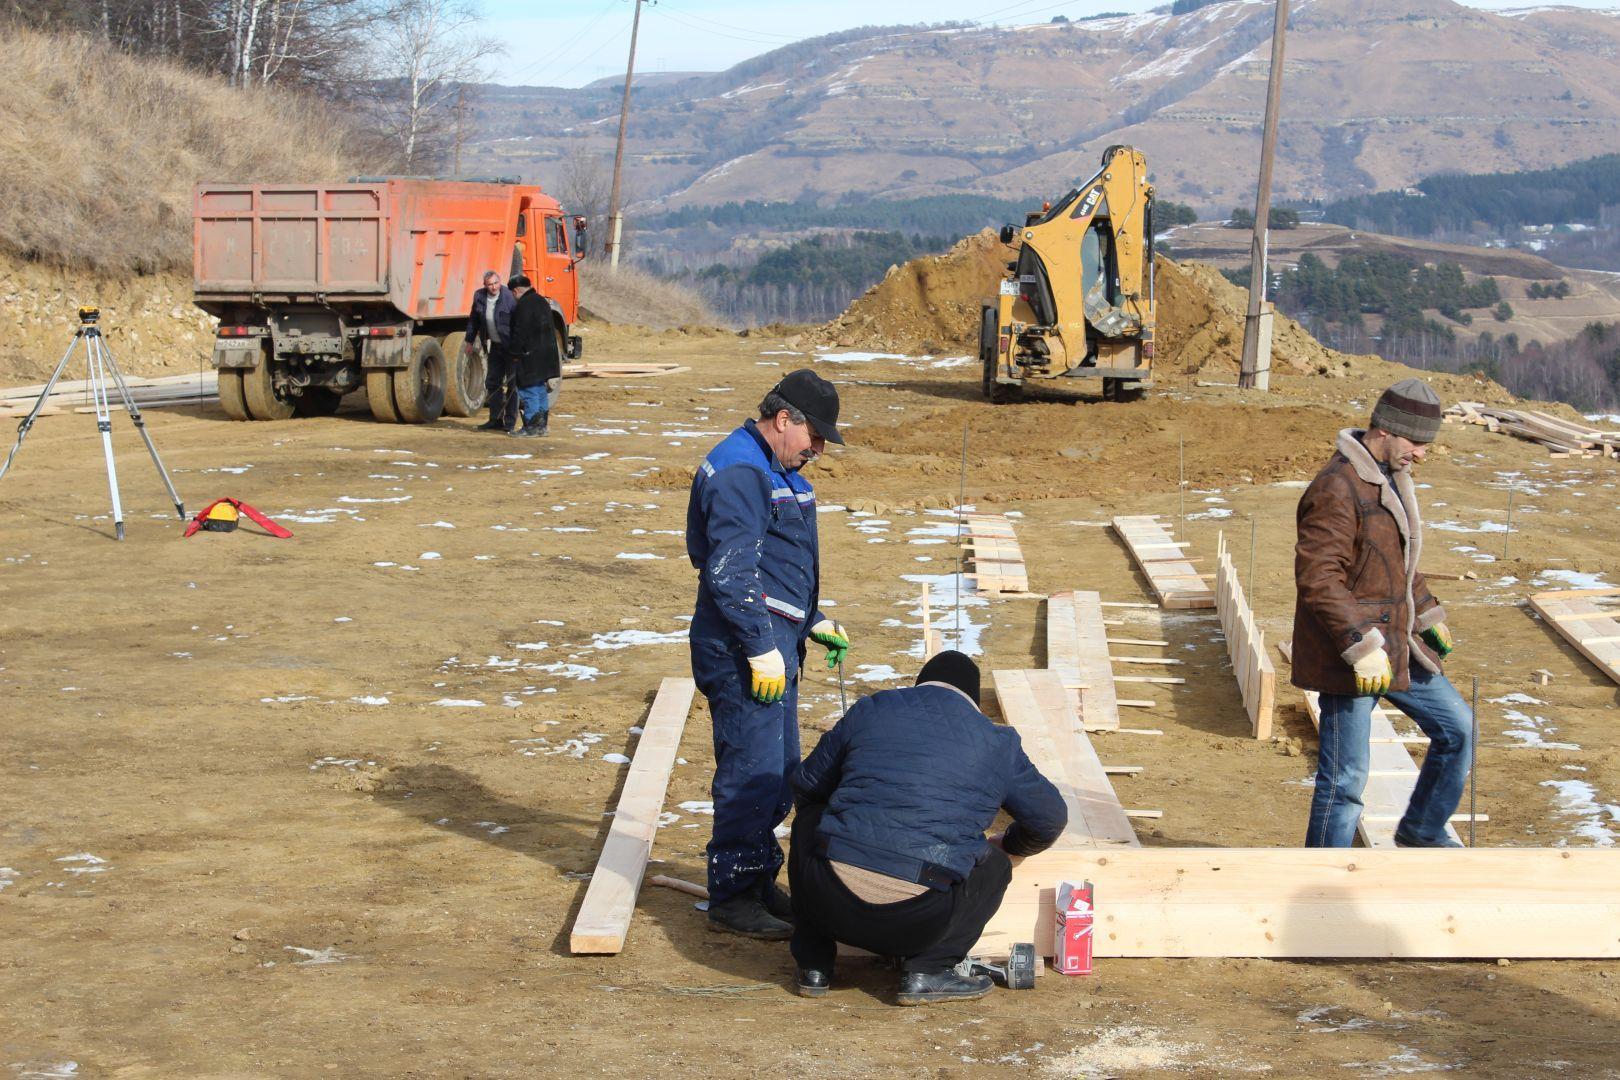 ВКисловодске построят приют для бездомных собак стоимостью 30 млн руб.